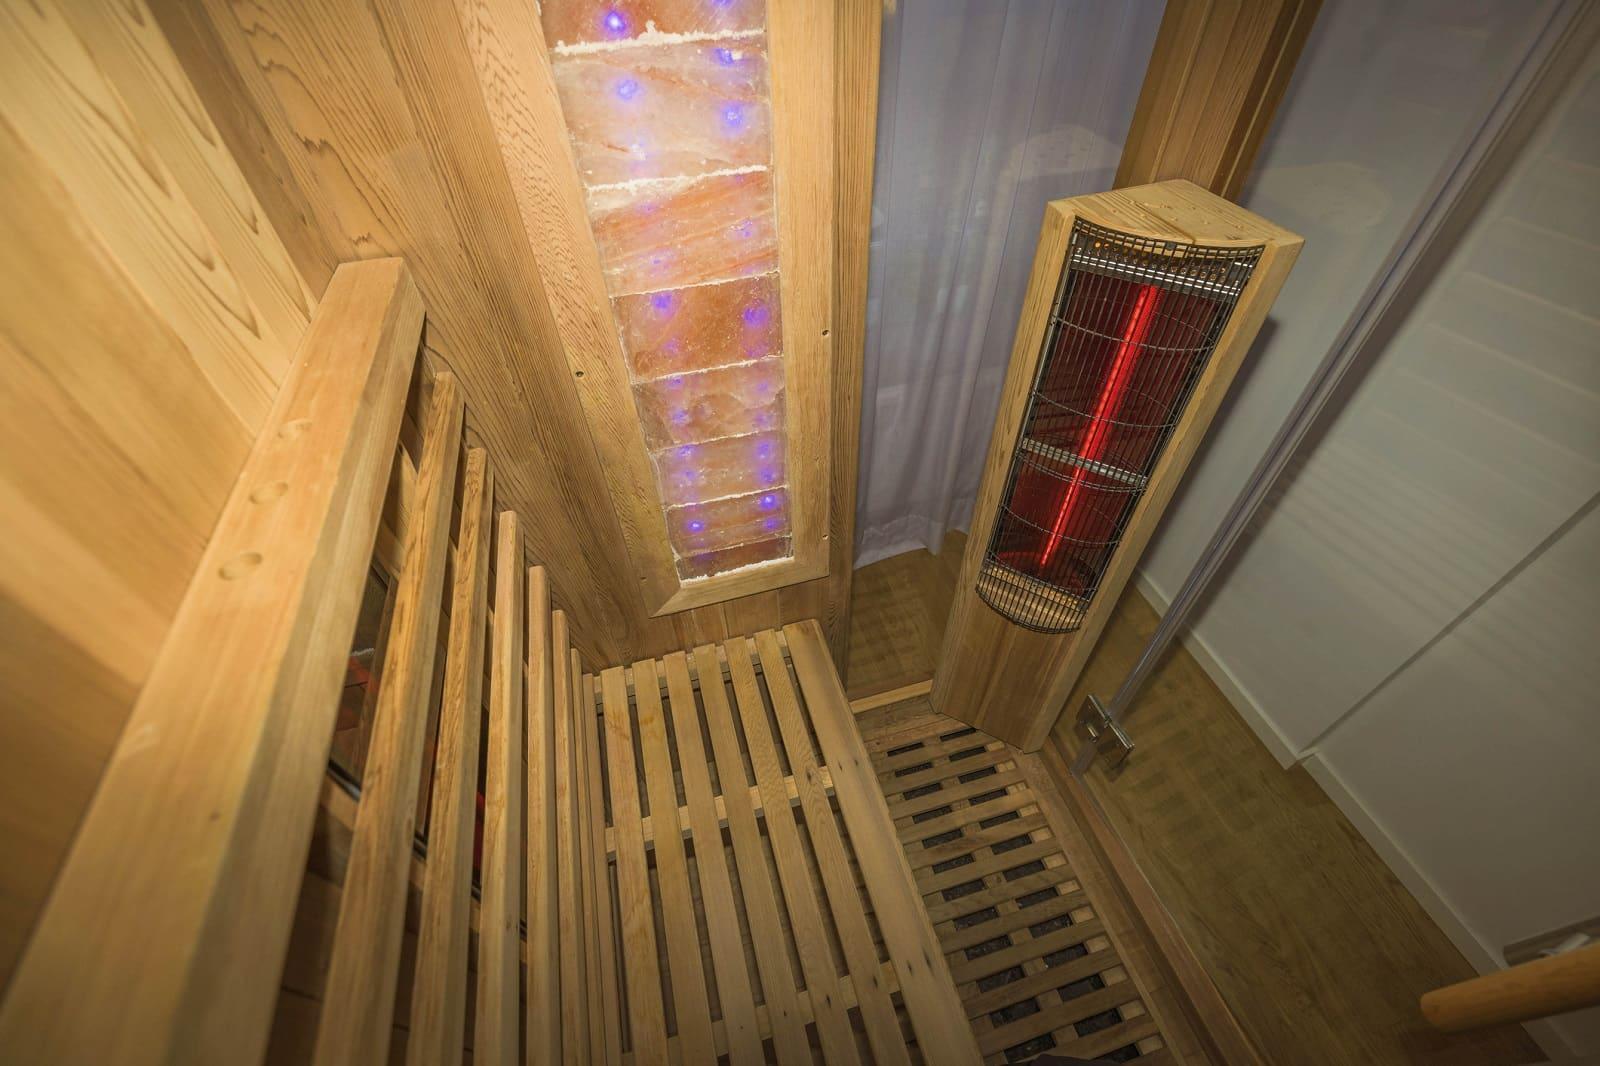 zasady dzialania kabin infrared